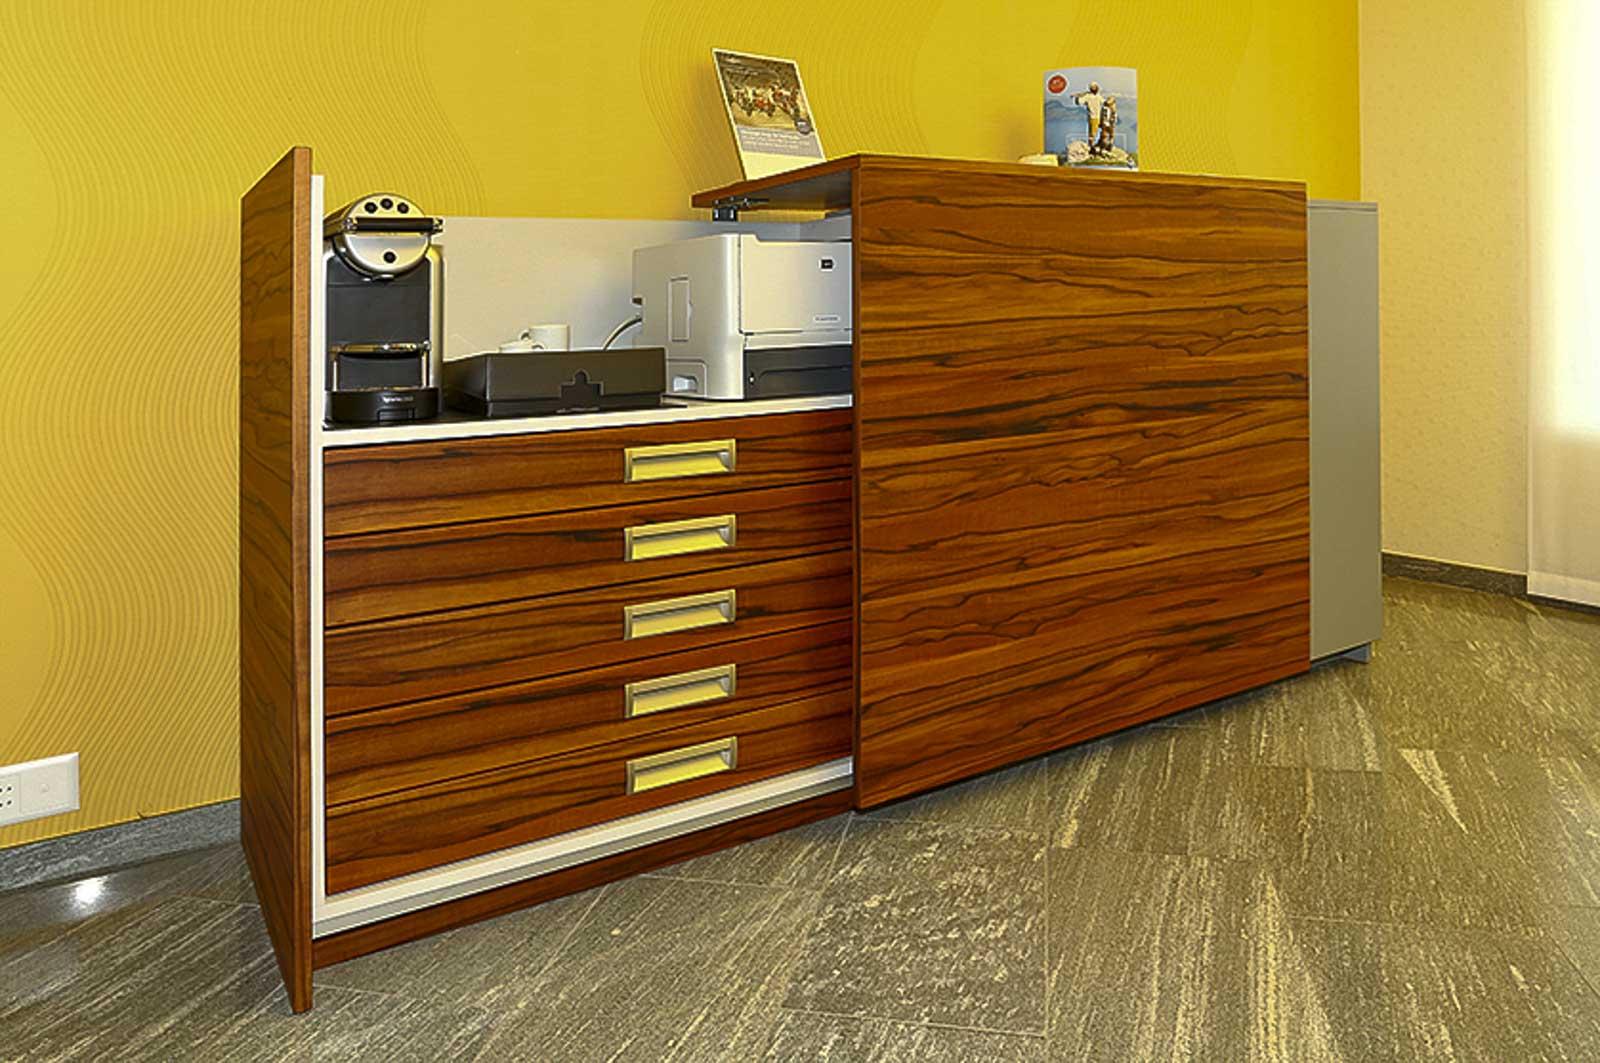 Wooddesign_öffentliche Bauten_Schalteranlage_Raiffeisen Giffers_Beraterbank_Beratungszimmer_Sideboard (1)